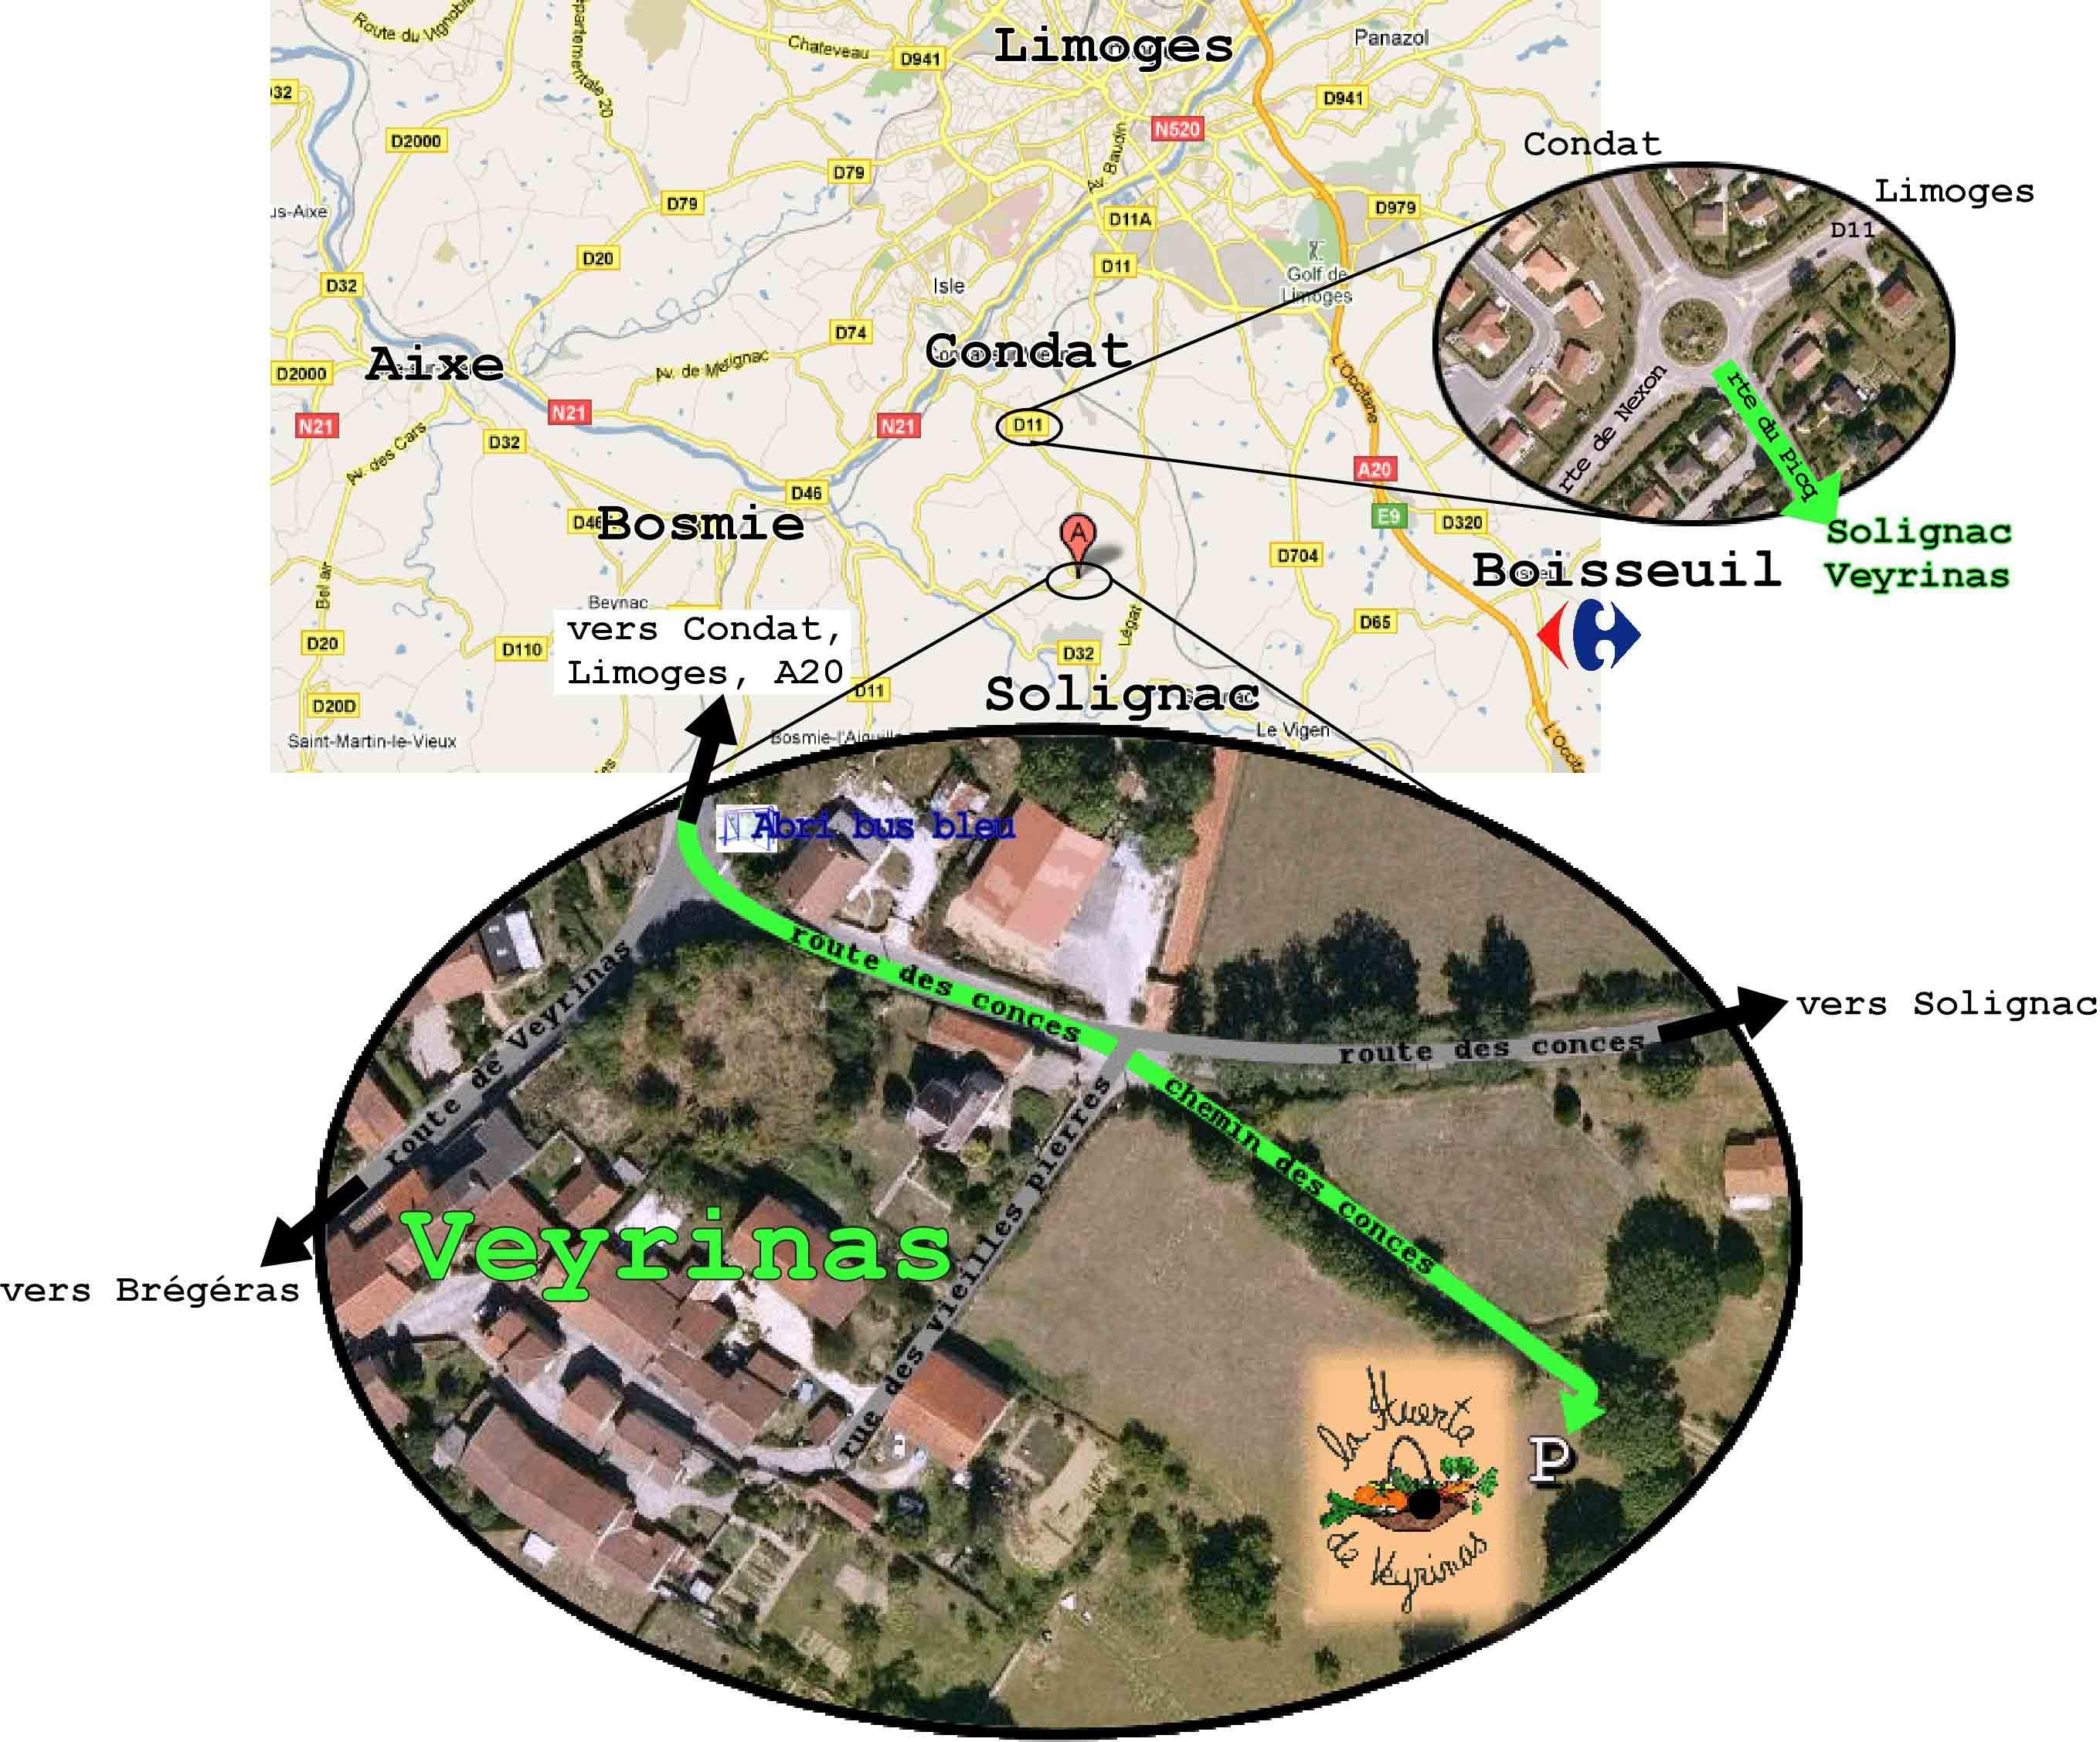 La Huerta de Veyrinas - plan